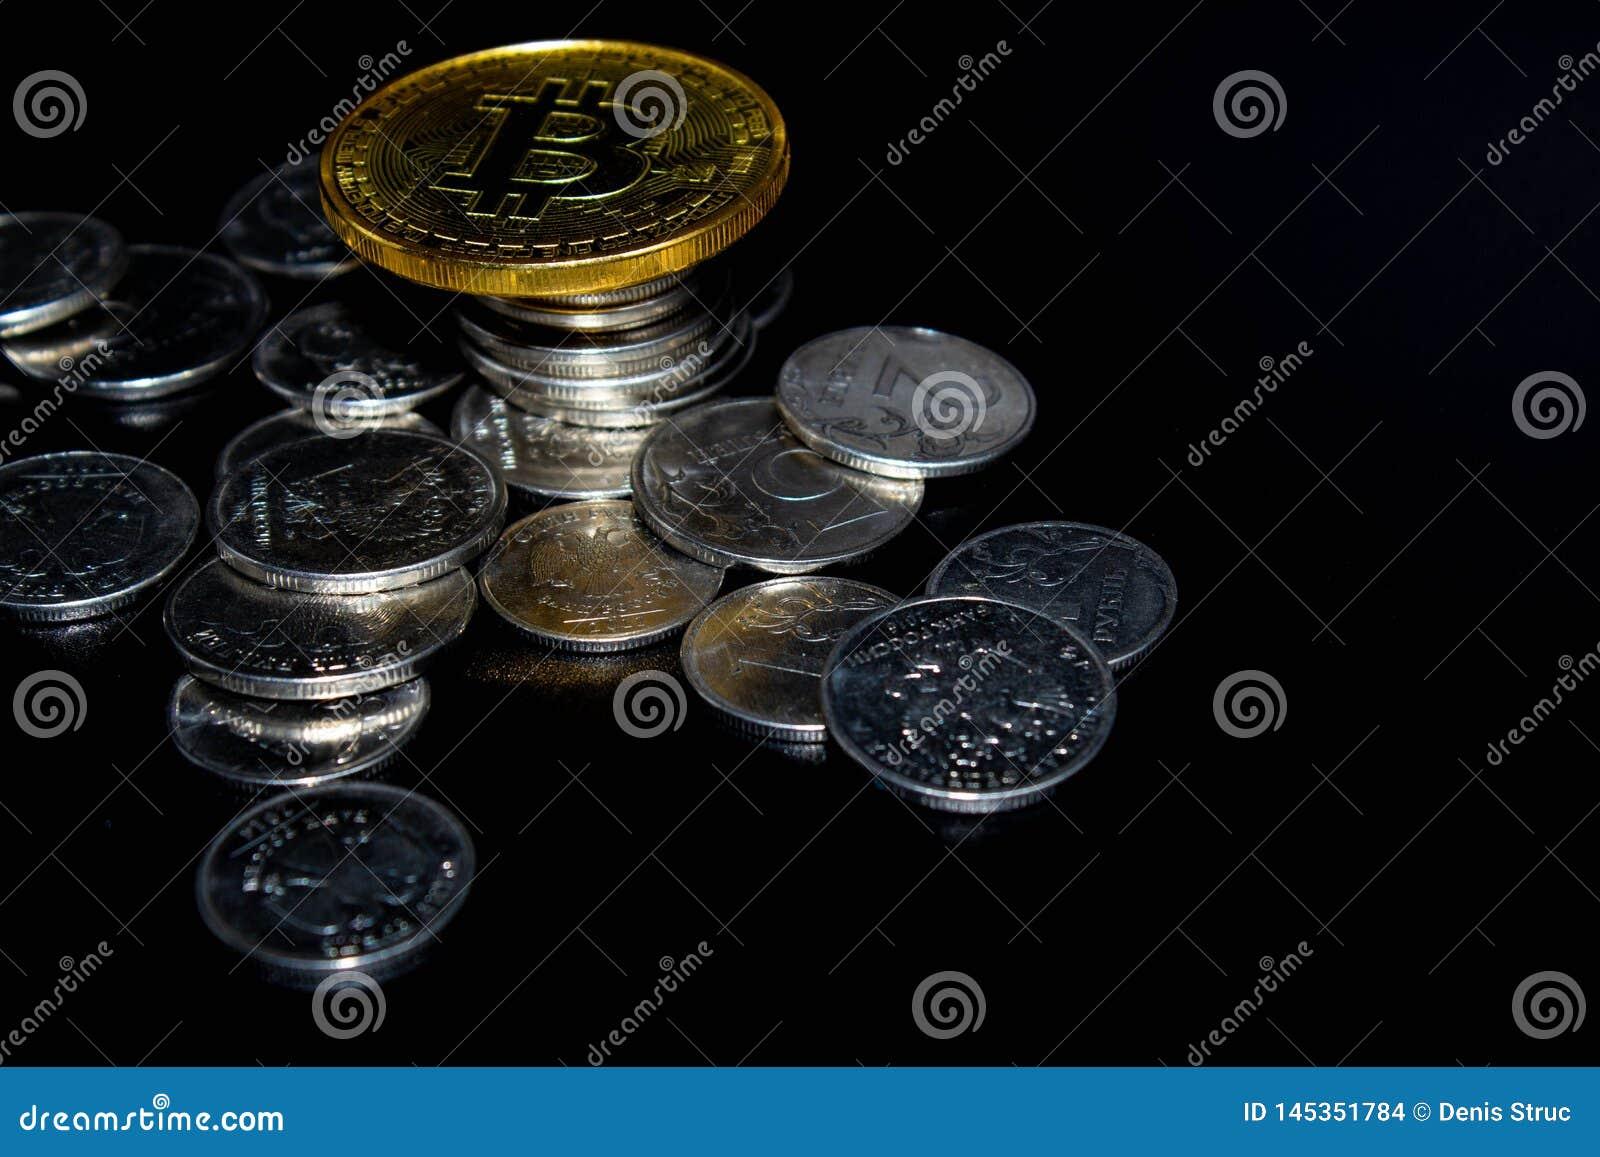 Goldenes Bitcoin auf einem schwarzen Hintergrund, Geld